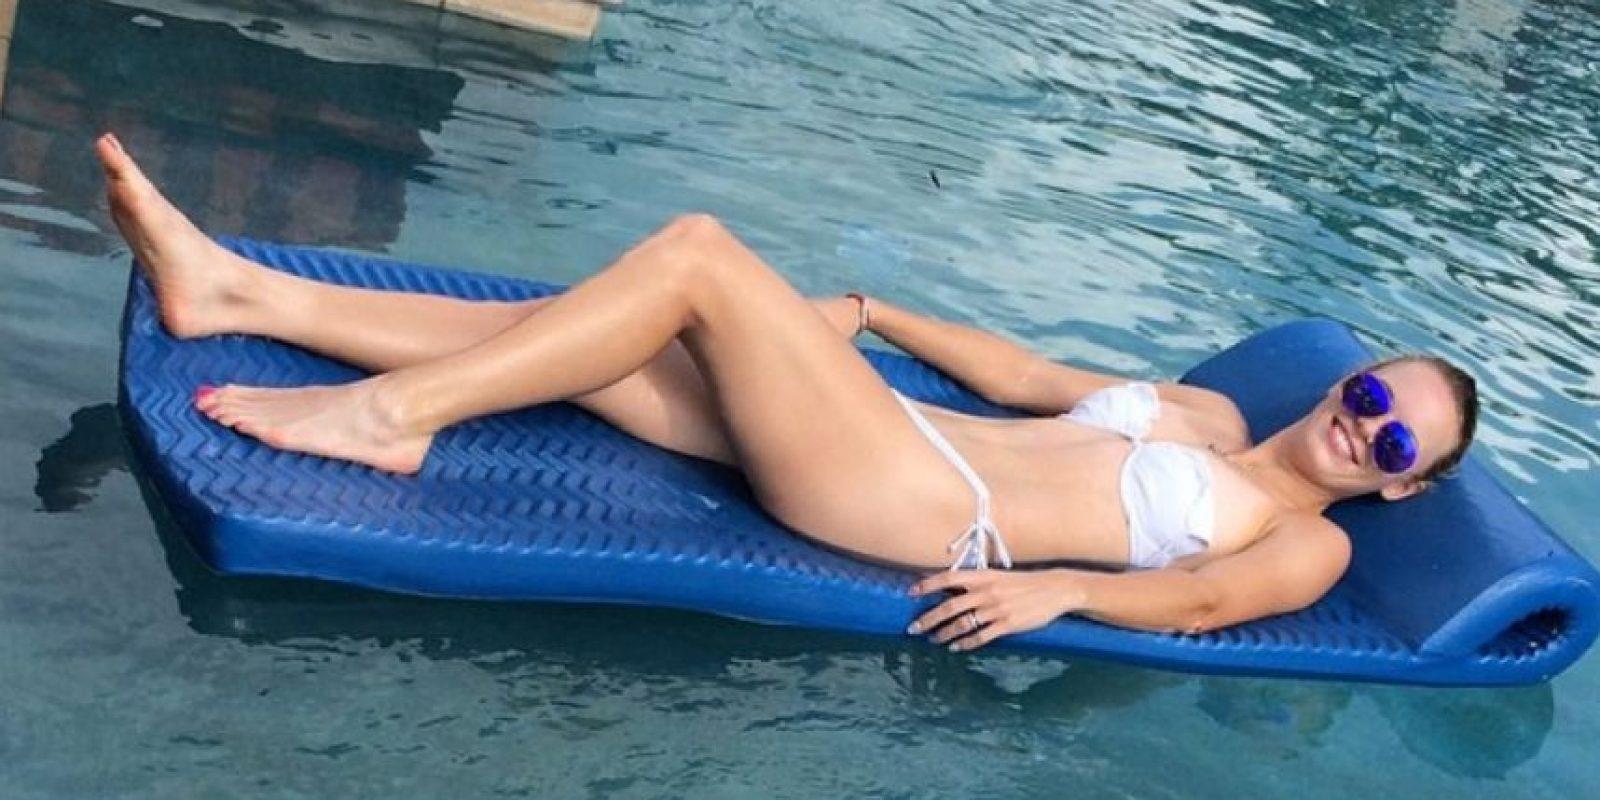 Caroline disfrutando de la piscina. Foto:instagram.com/serenawilliams